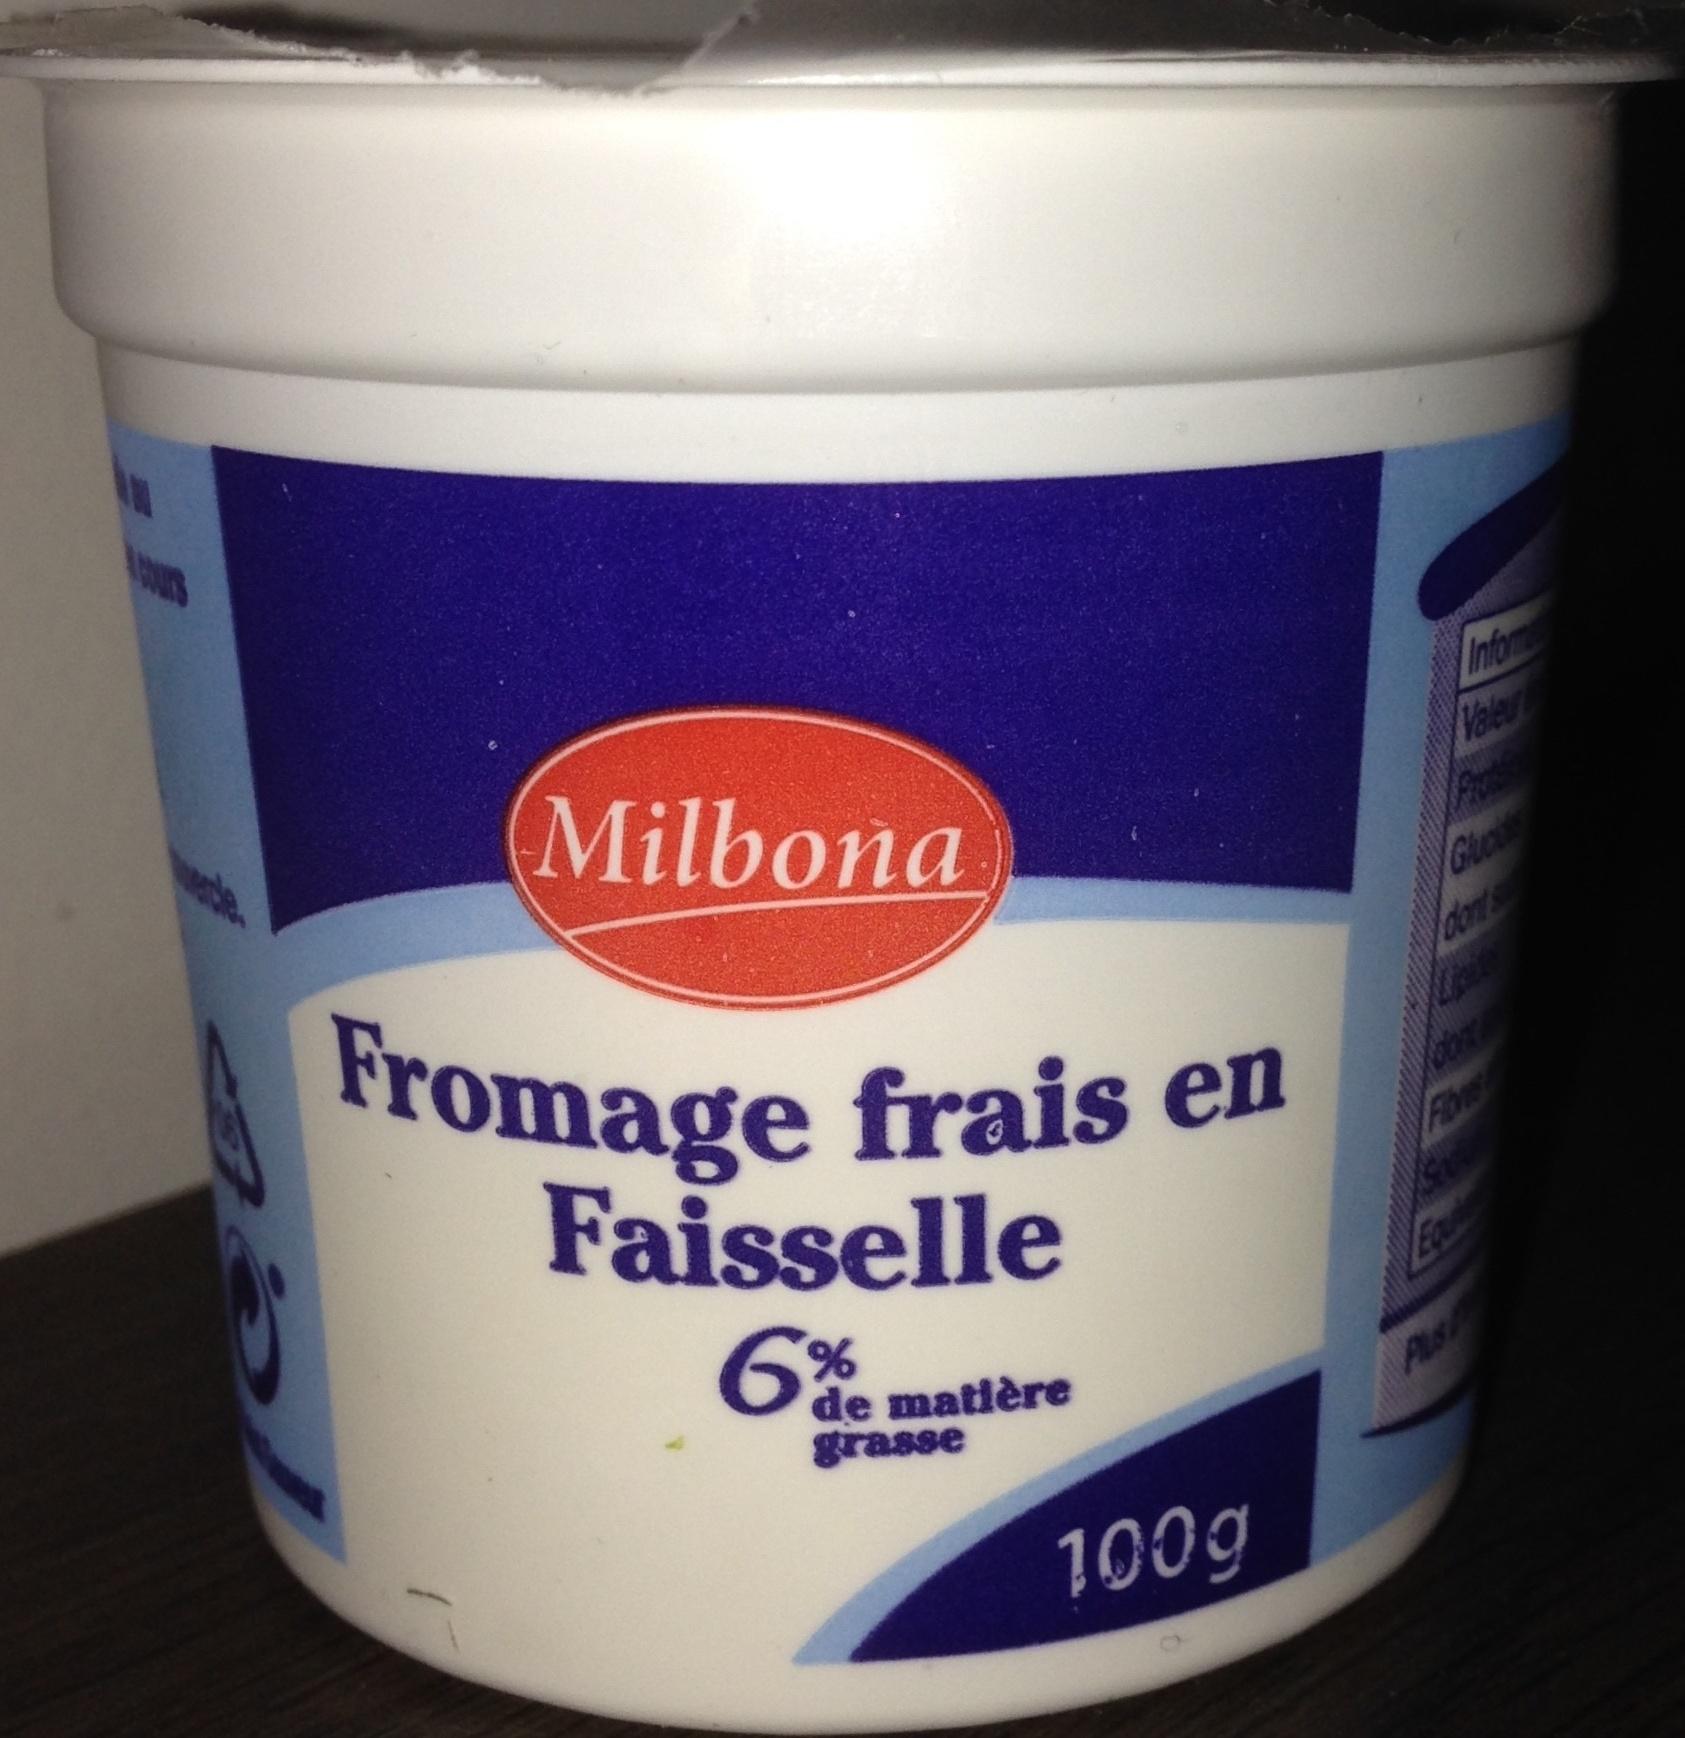 Fromage frais en Faisselle (6 % MG) - Produit